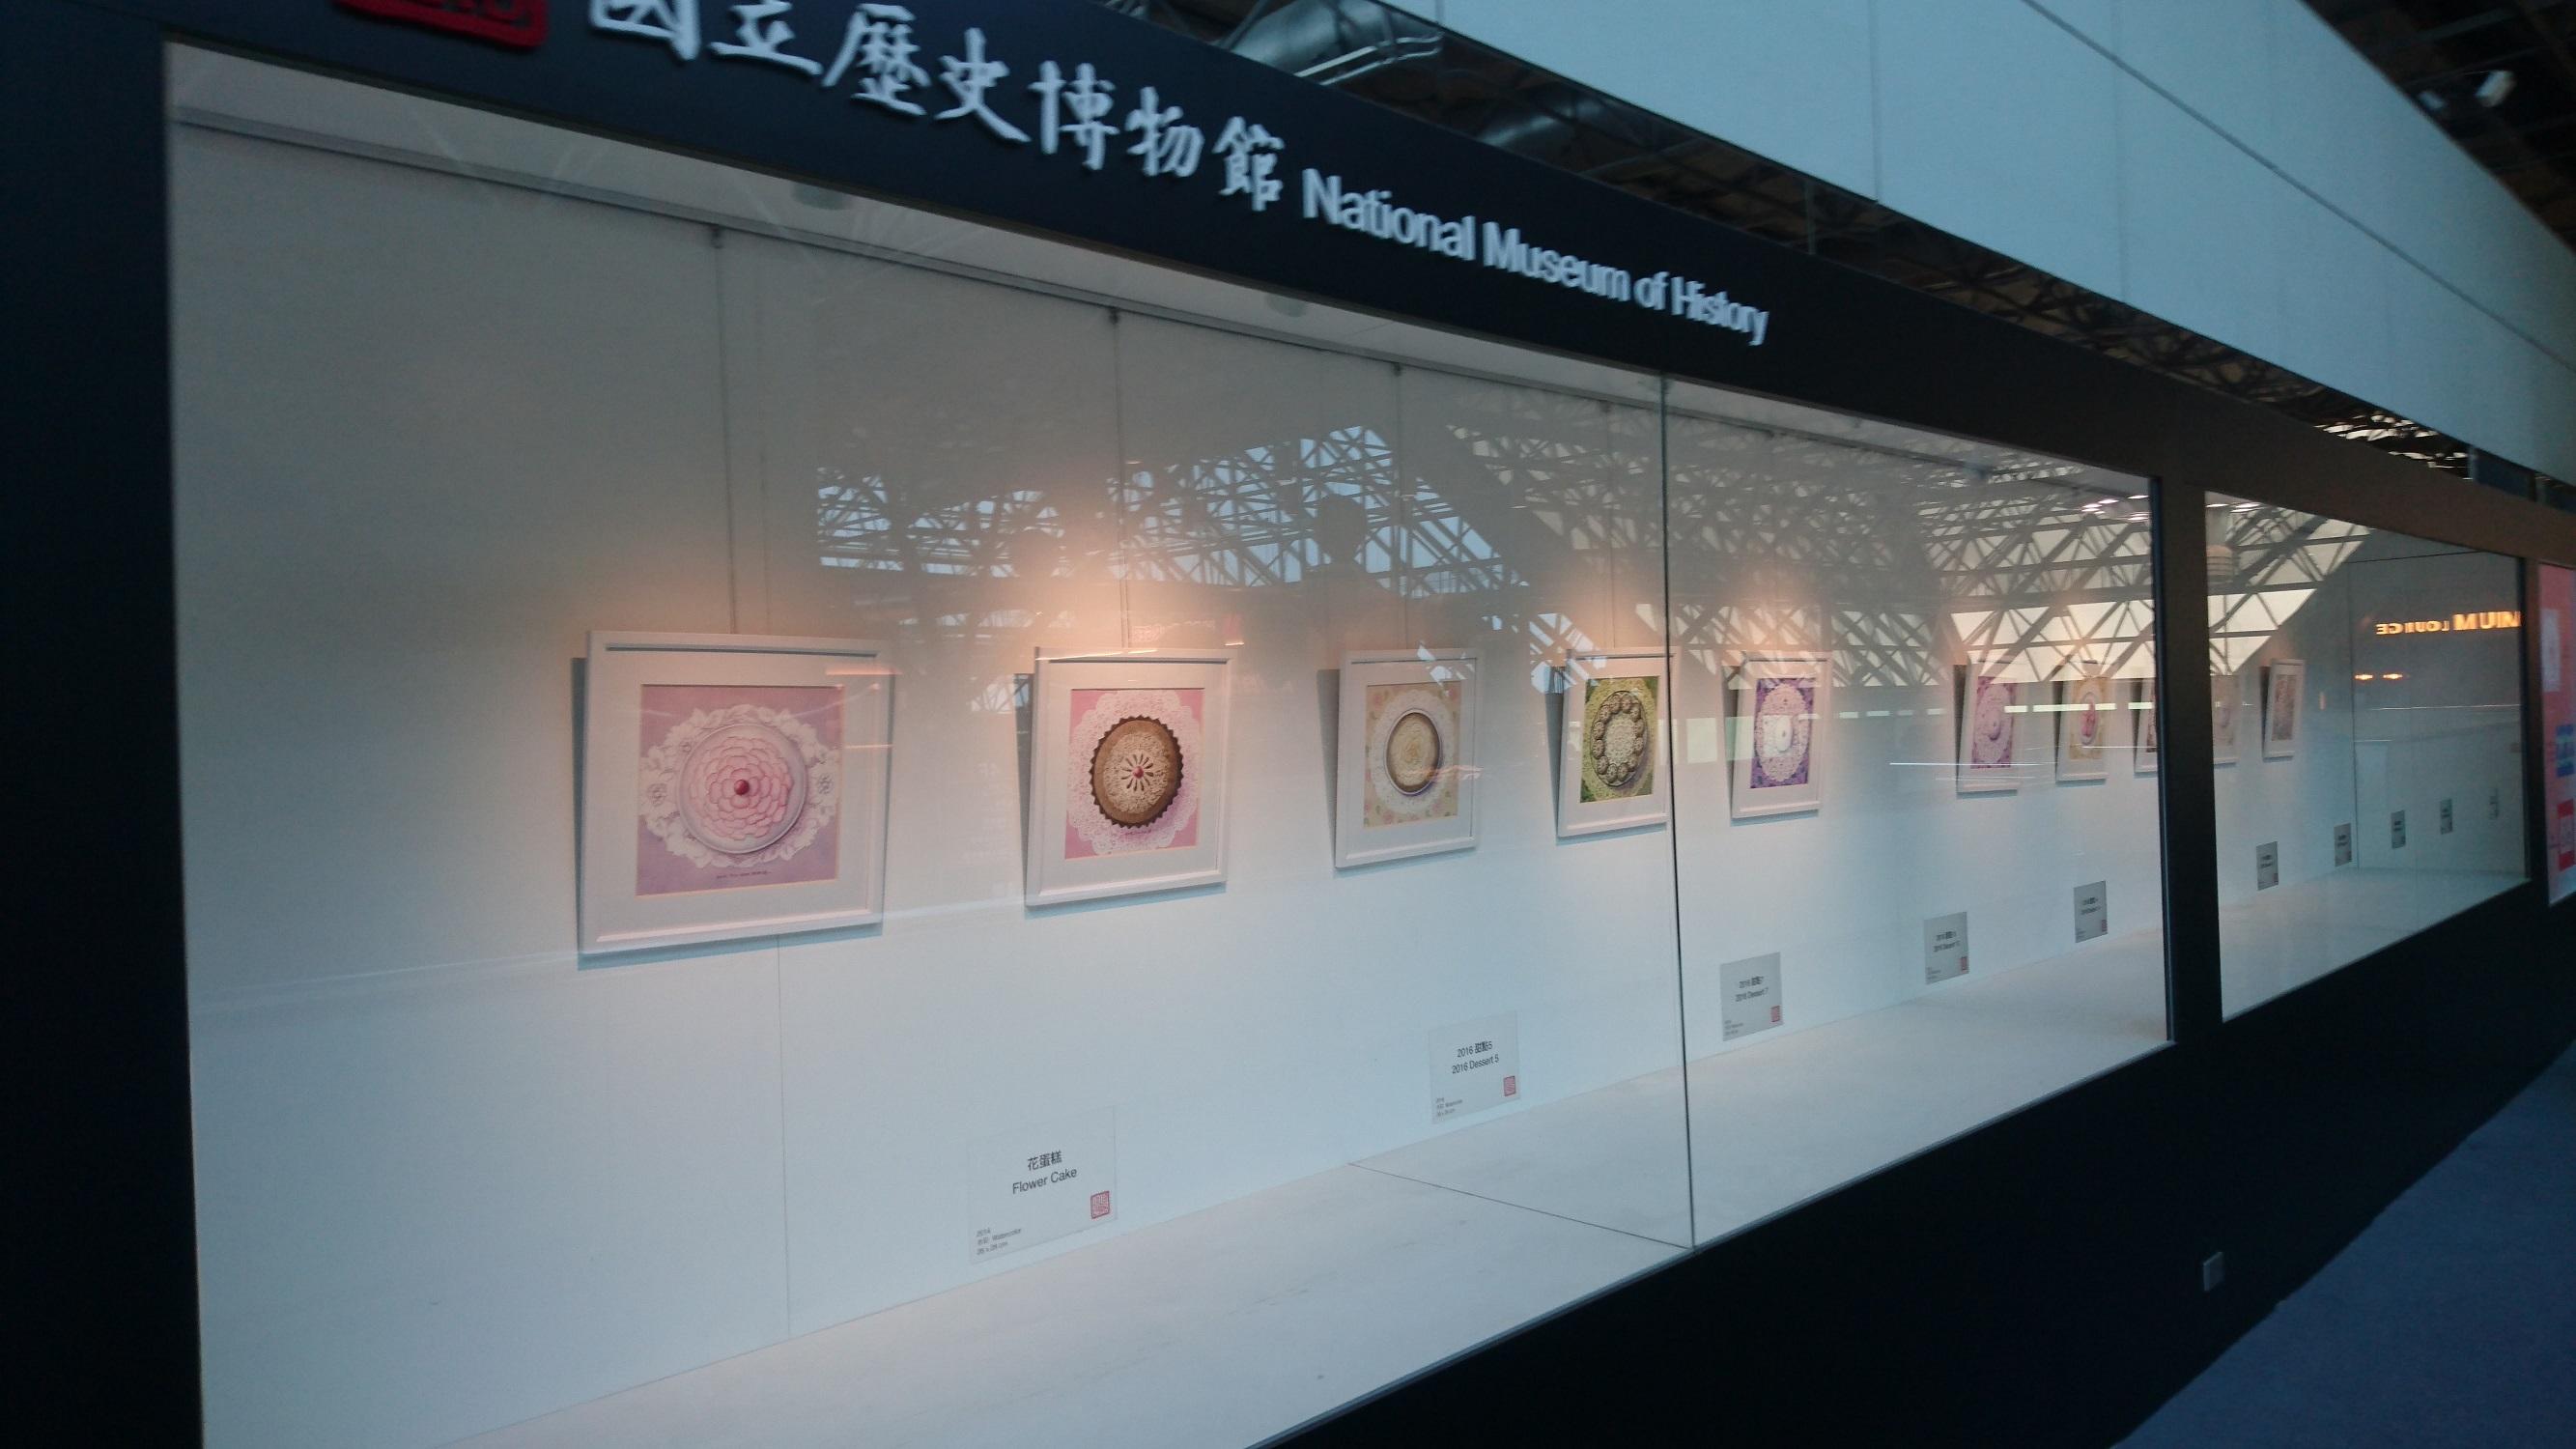 国立歴史博物館の展示品